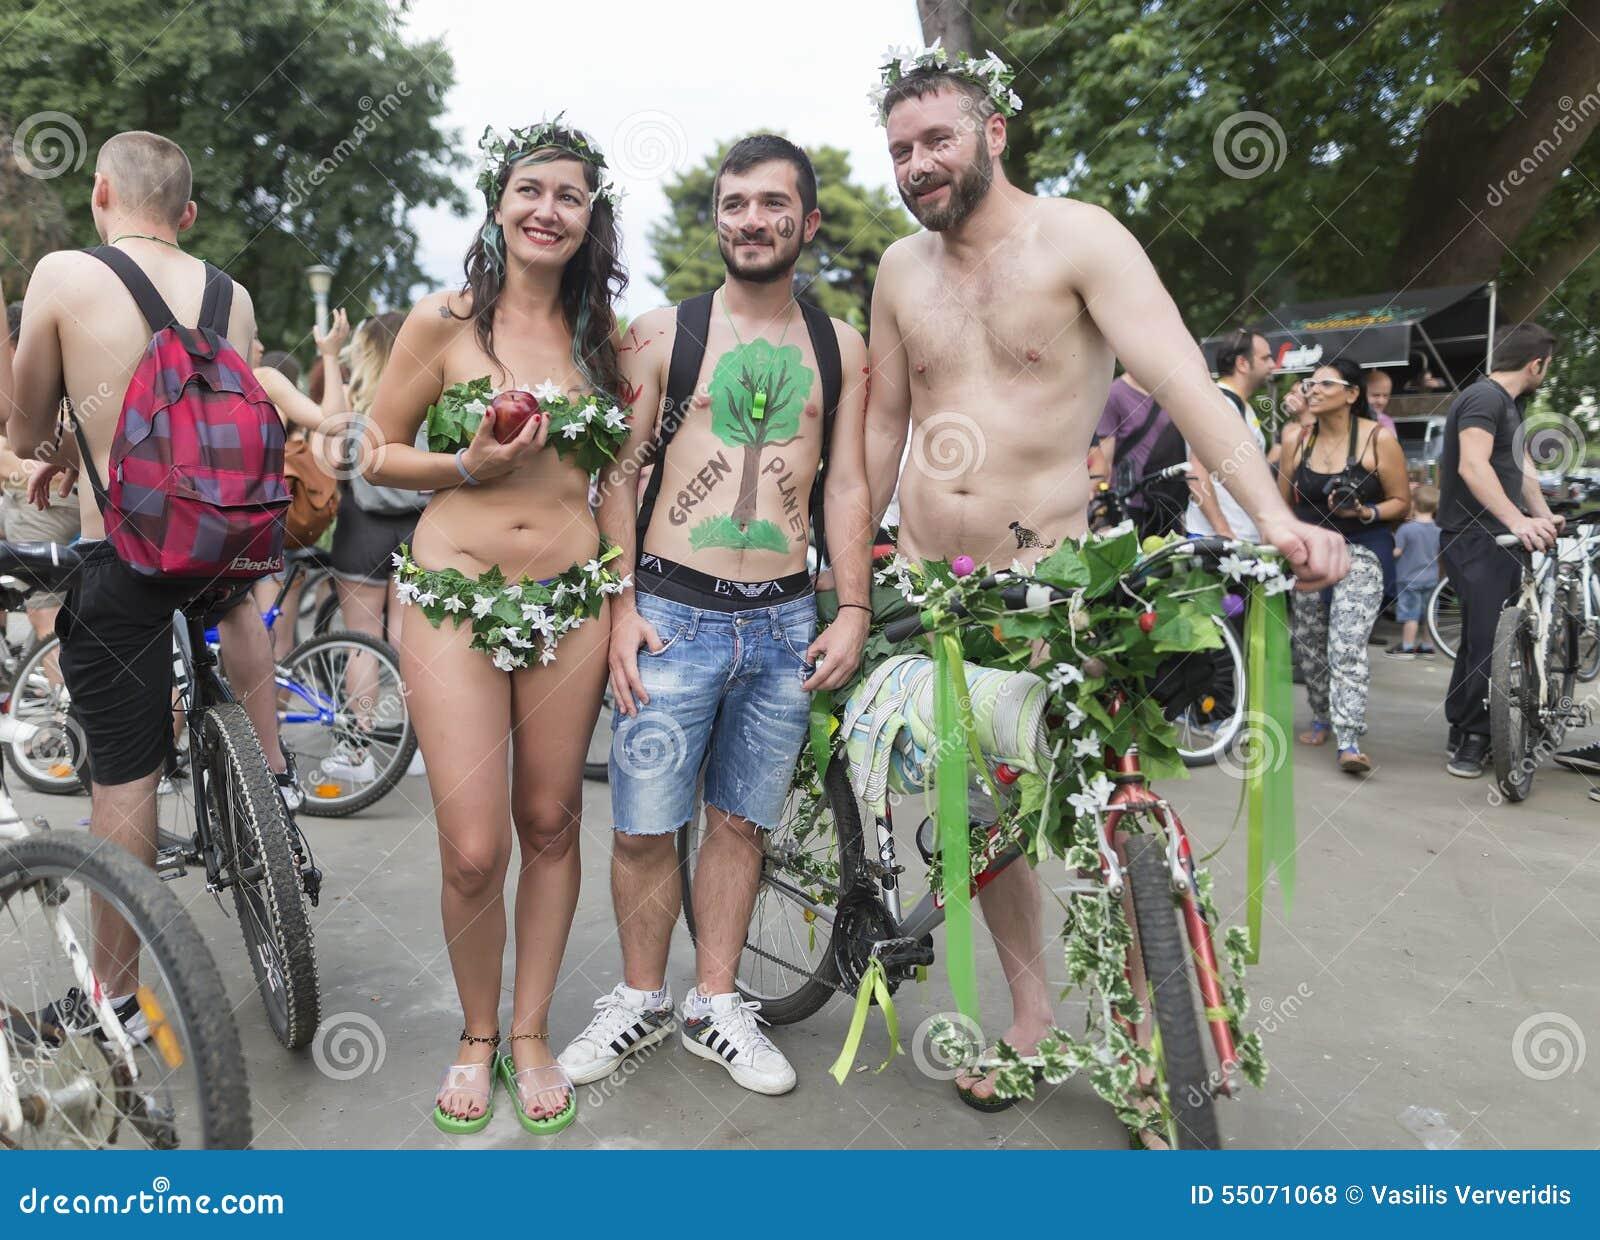 nackt fahrrad parade bilder